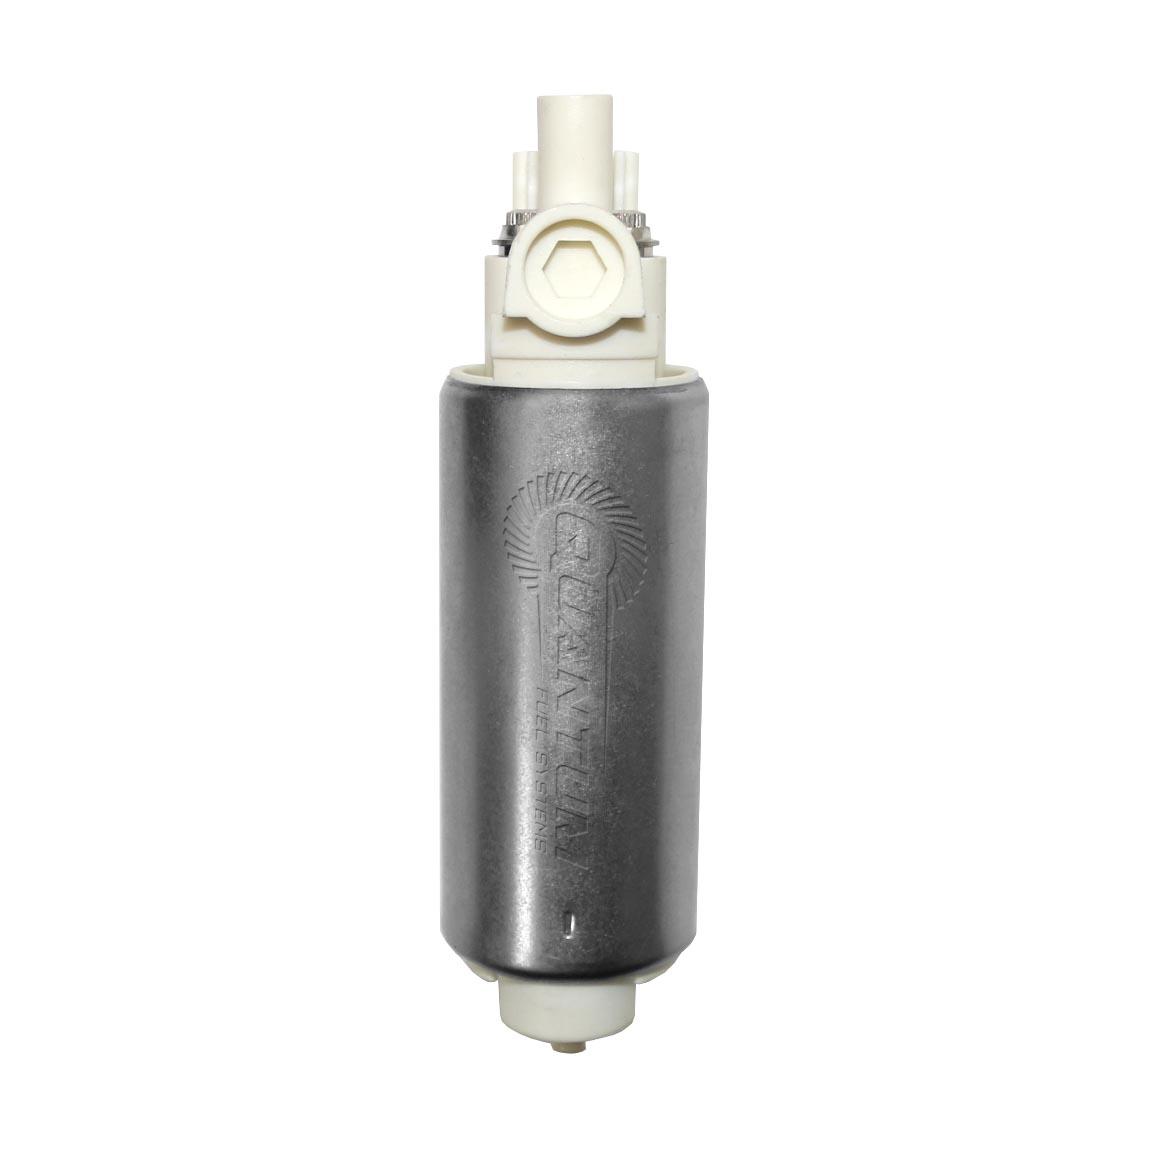 Quantum OEM Replacement Fuel Pump Filter for Chevrolet Blazer 96-03 Astro 97-05